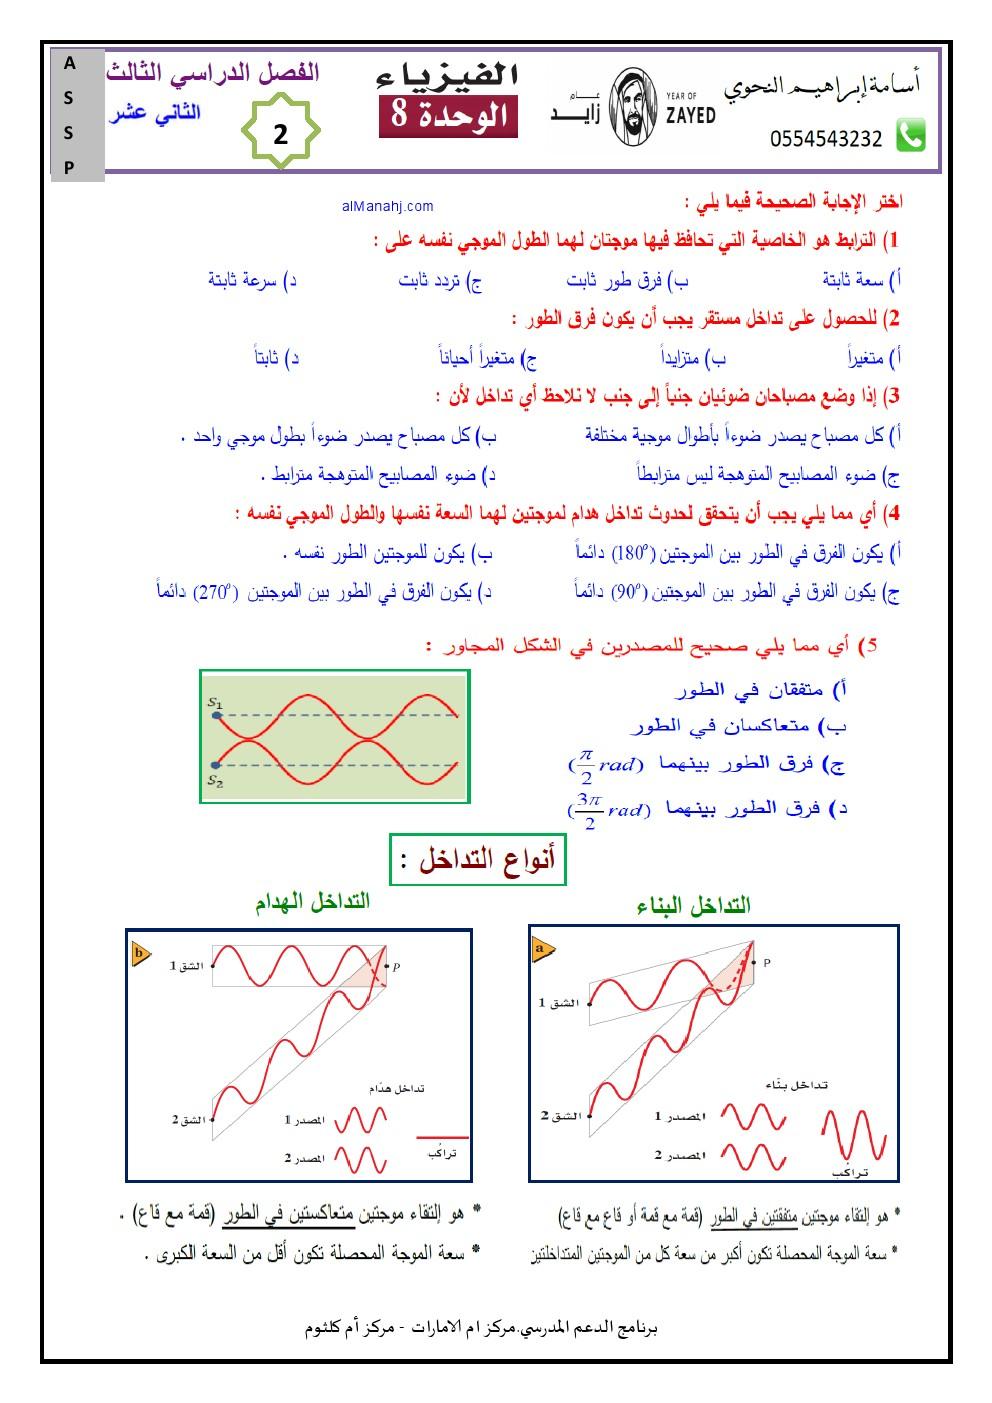 أوراق عمل إضافية التداخل والحيود الصف الثاني عشر المتقدم فيزياء الفصل الثالث 2017 2018 المناهج الإماراتية